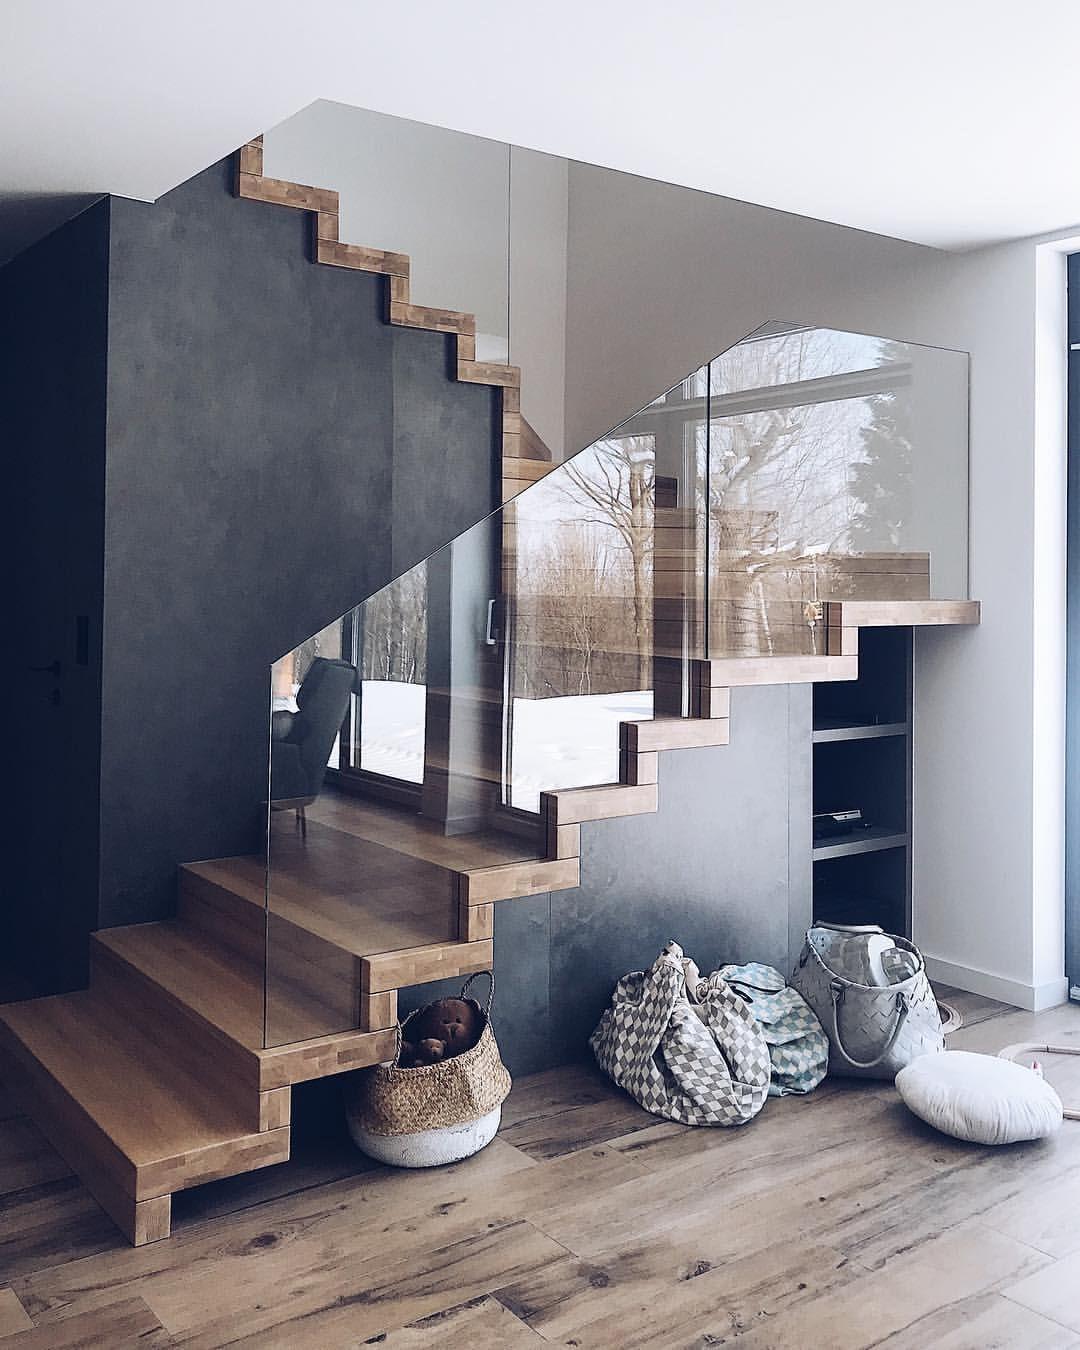 Escalier Dans La Maison escalier en verre design - kumpalo.parkersydnorhistoric